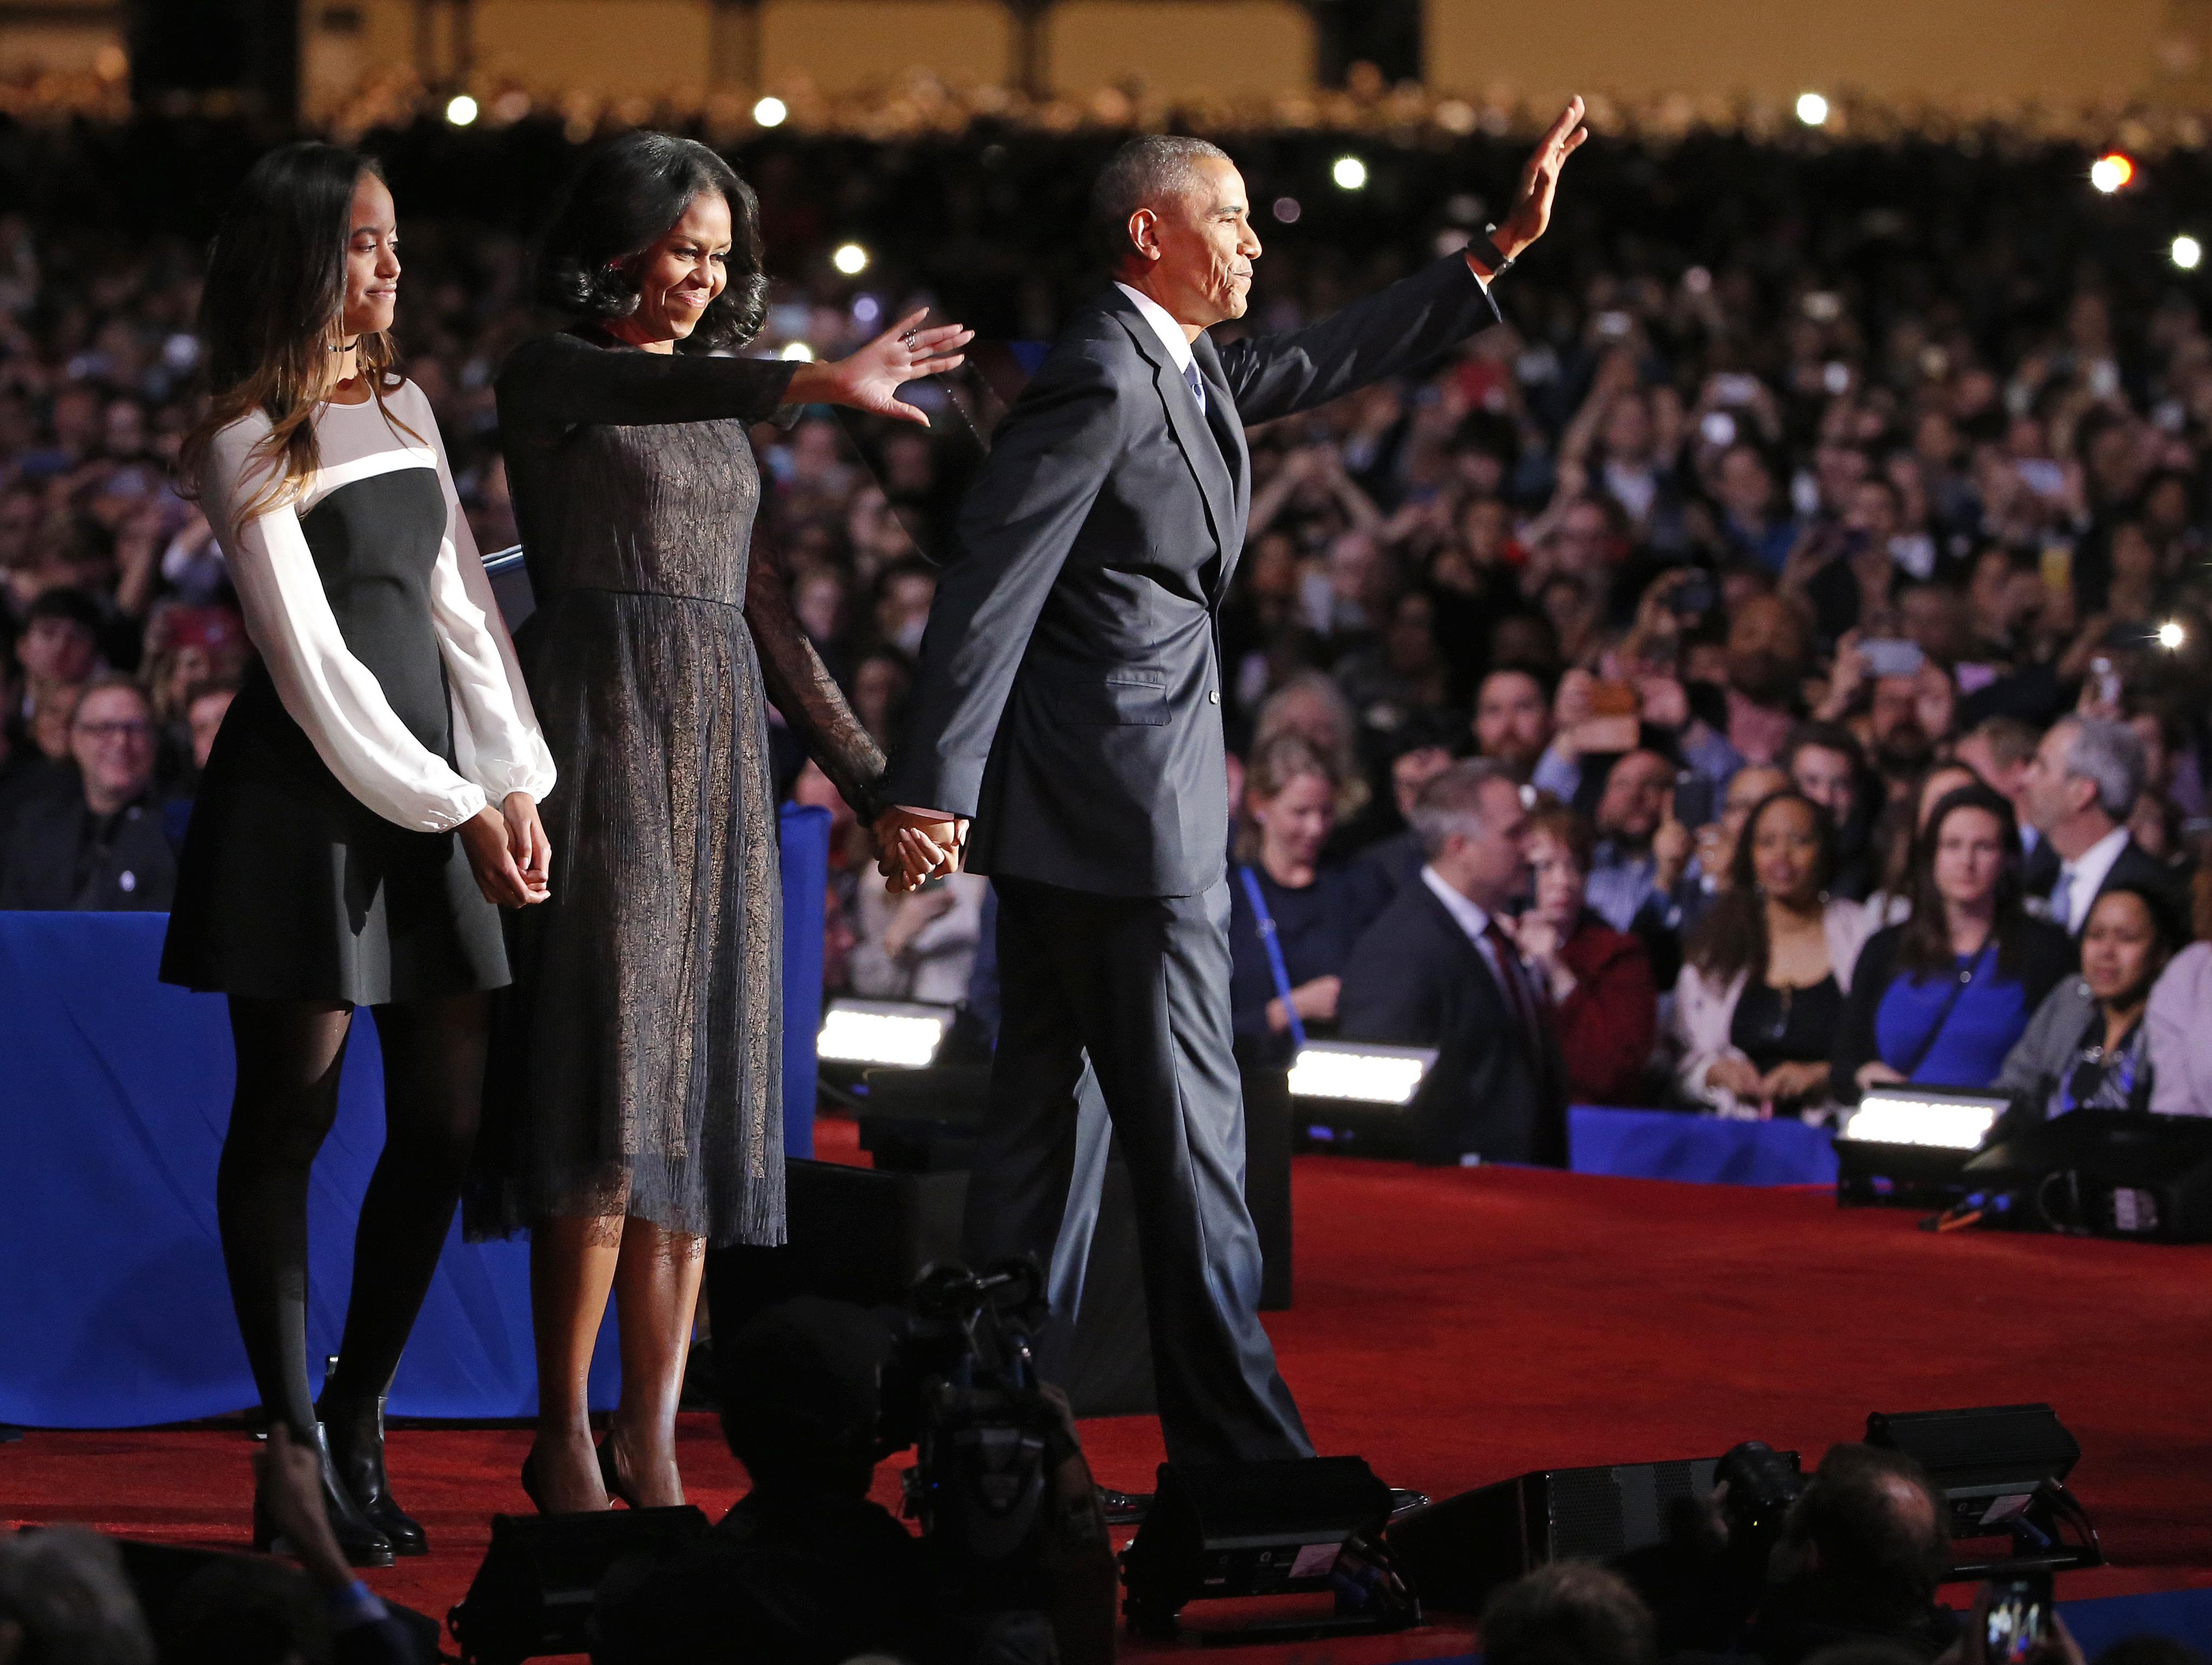 La familia Obama se despide del público de Chicago. (AP )